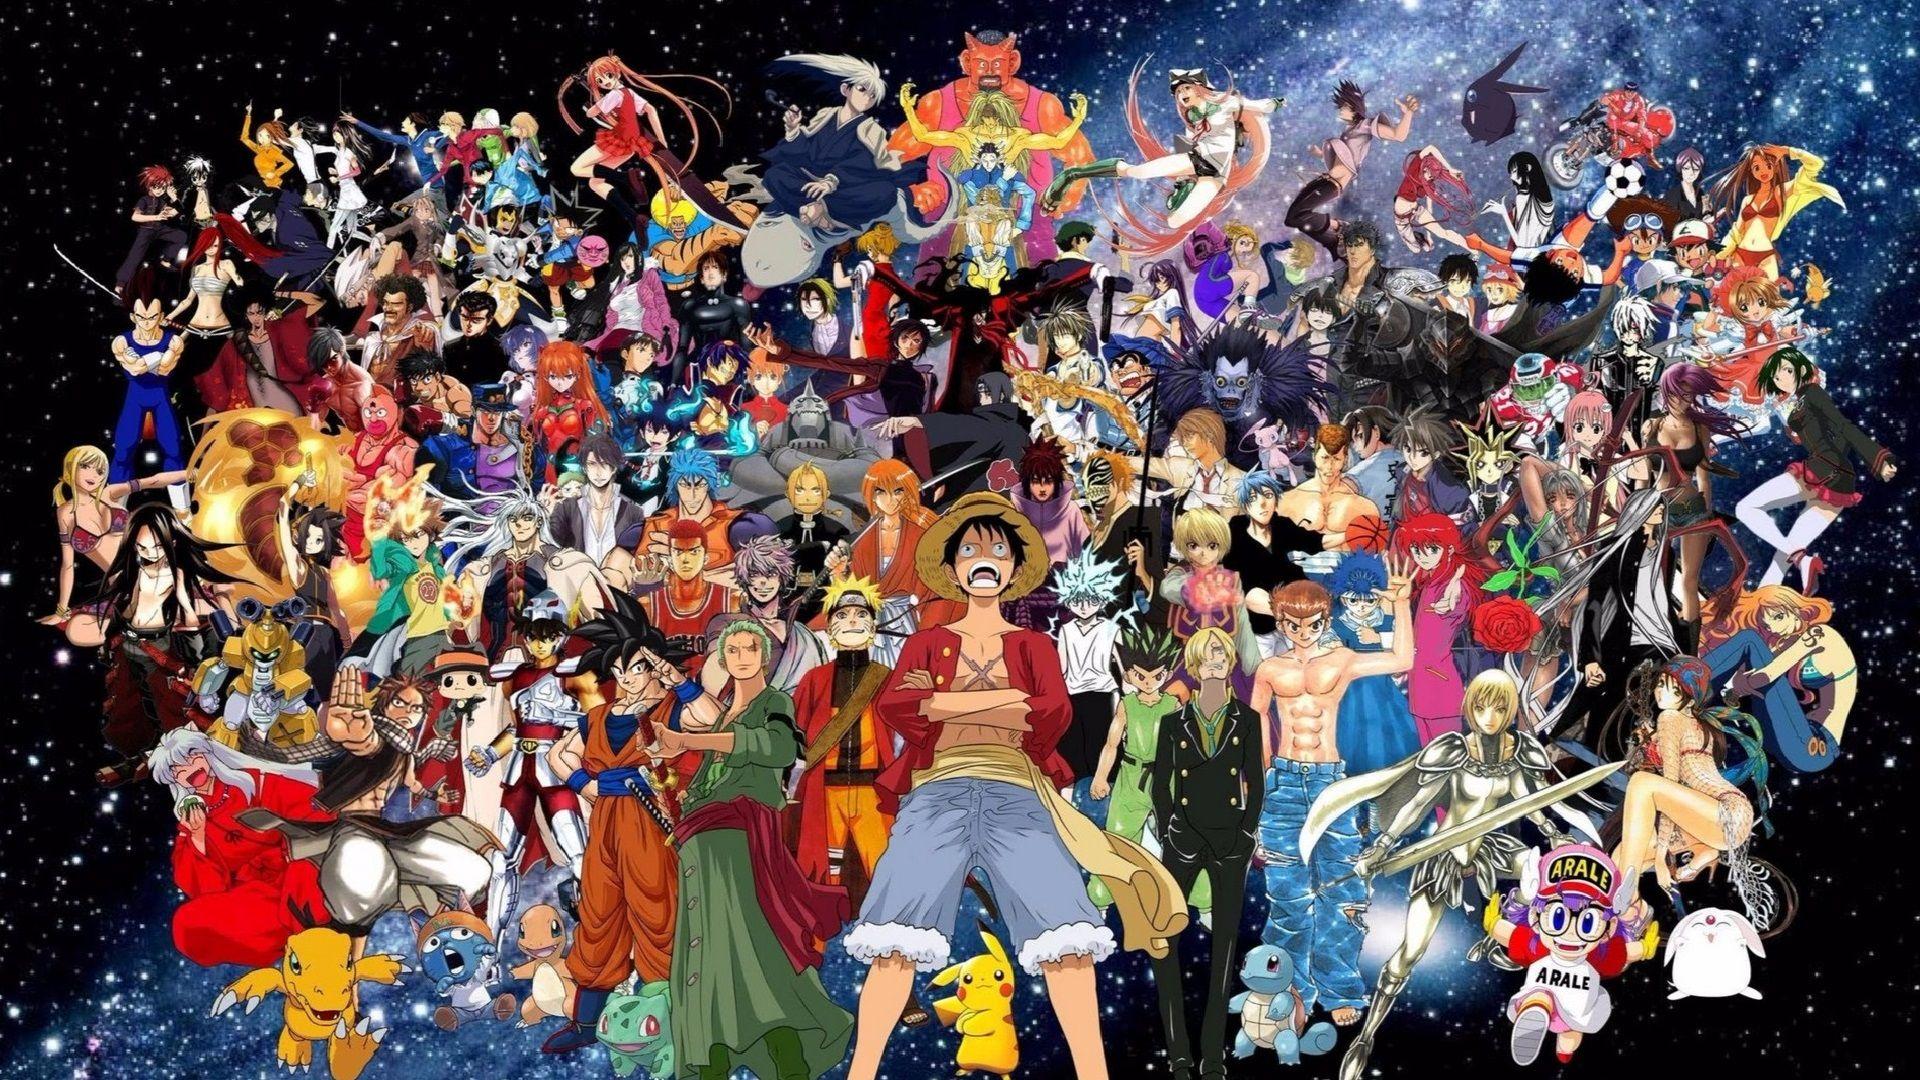 Desktop Wallpaper Anime Best Wallpaper Hd In 2020 Hd Anime Wallpapers All Anime Characters Anime Wallpaper